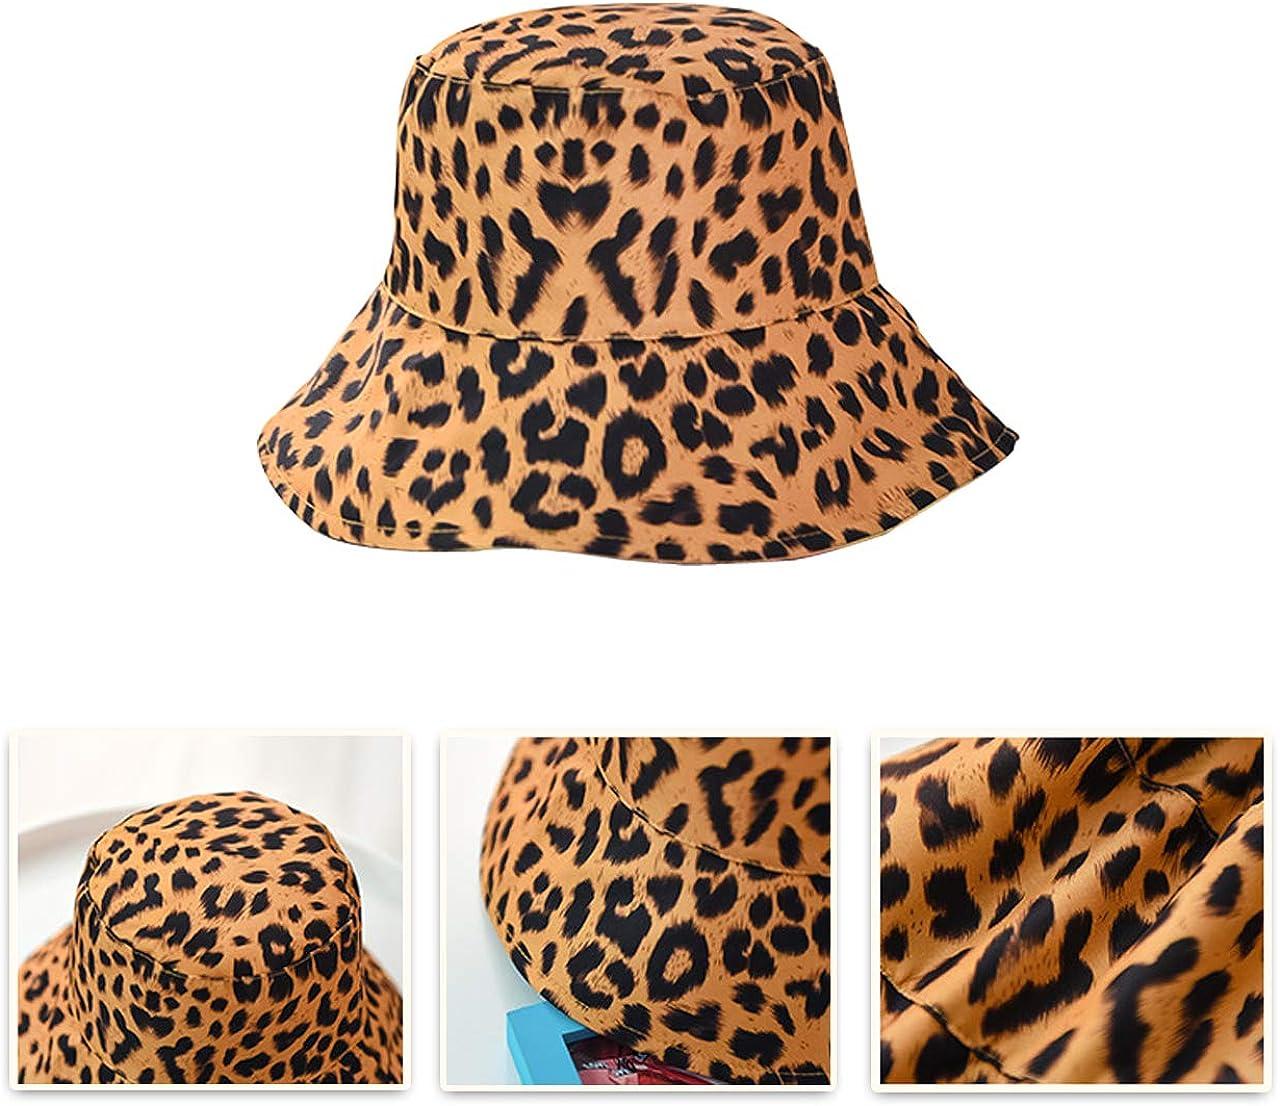 Faletony Women Leopard Print Bucket Hat Summer Packable Reversible Sun Hat